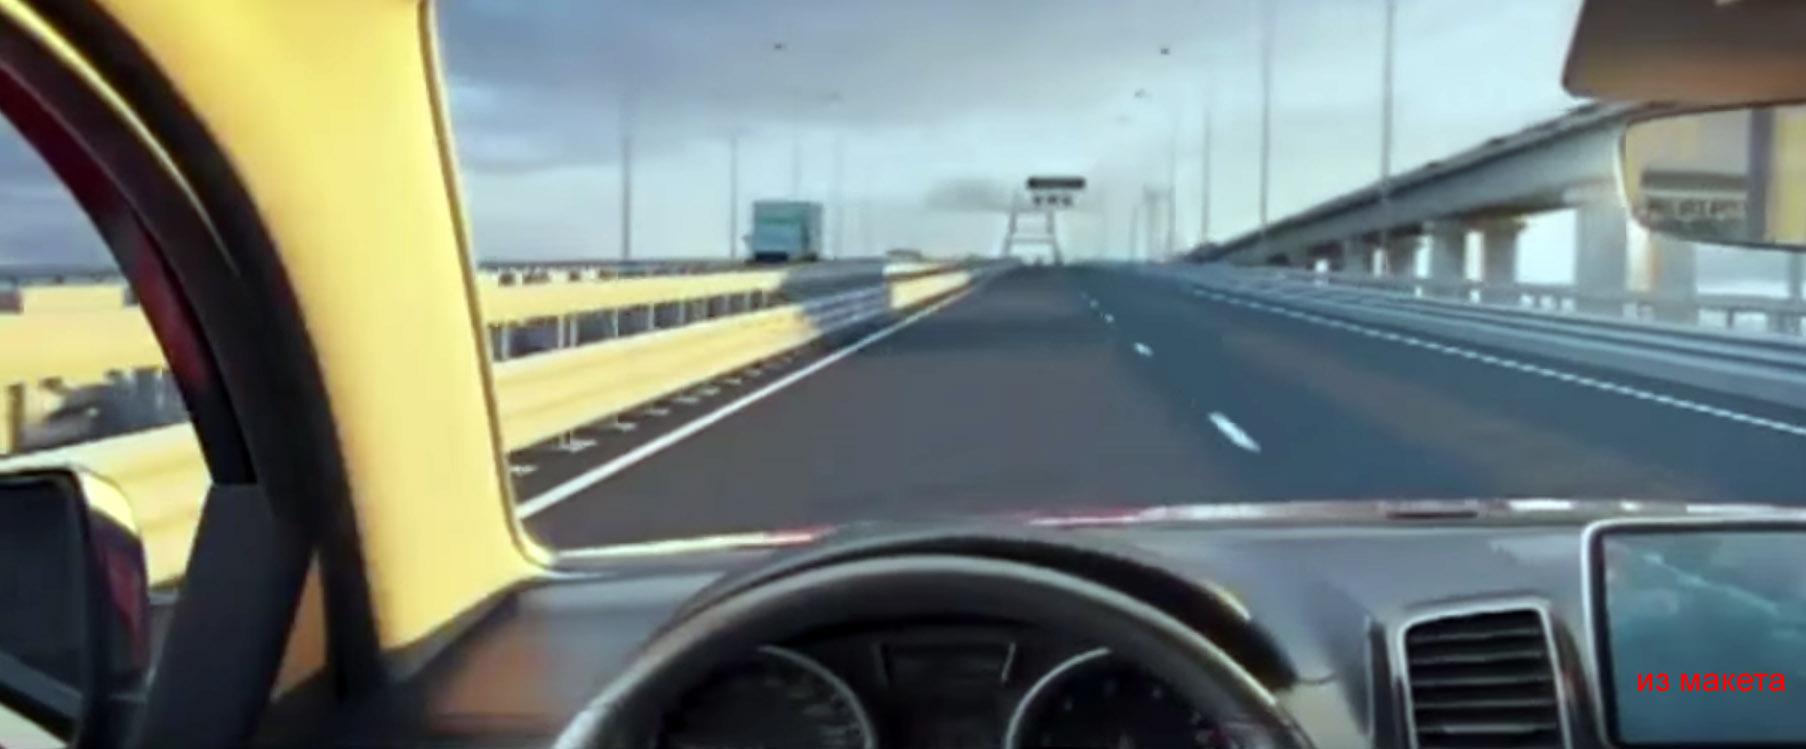 Вид моста в будущем над керченским проливом